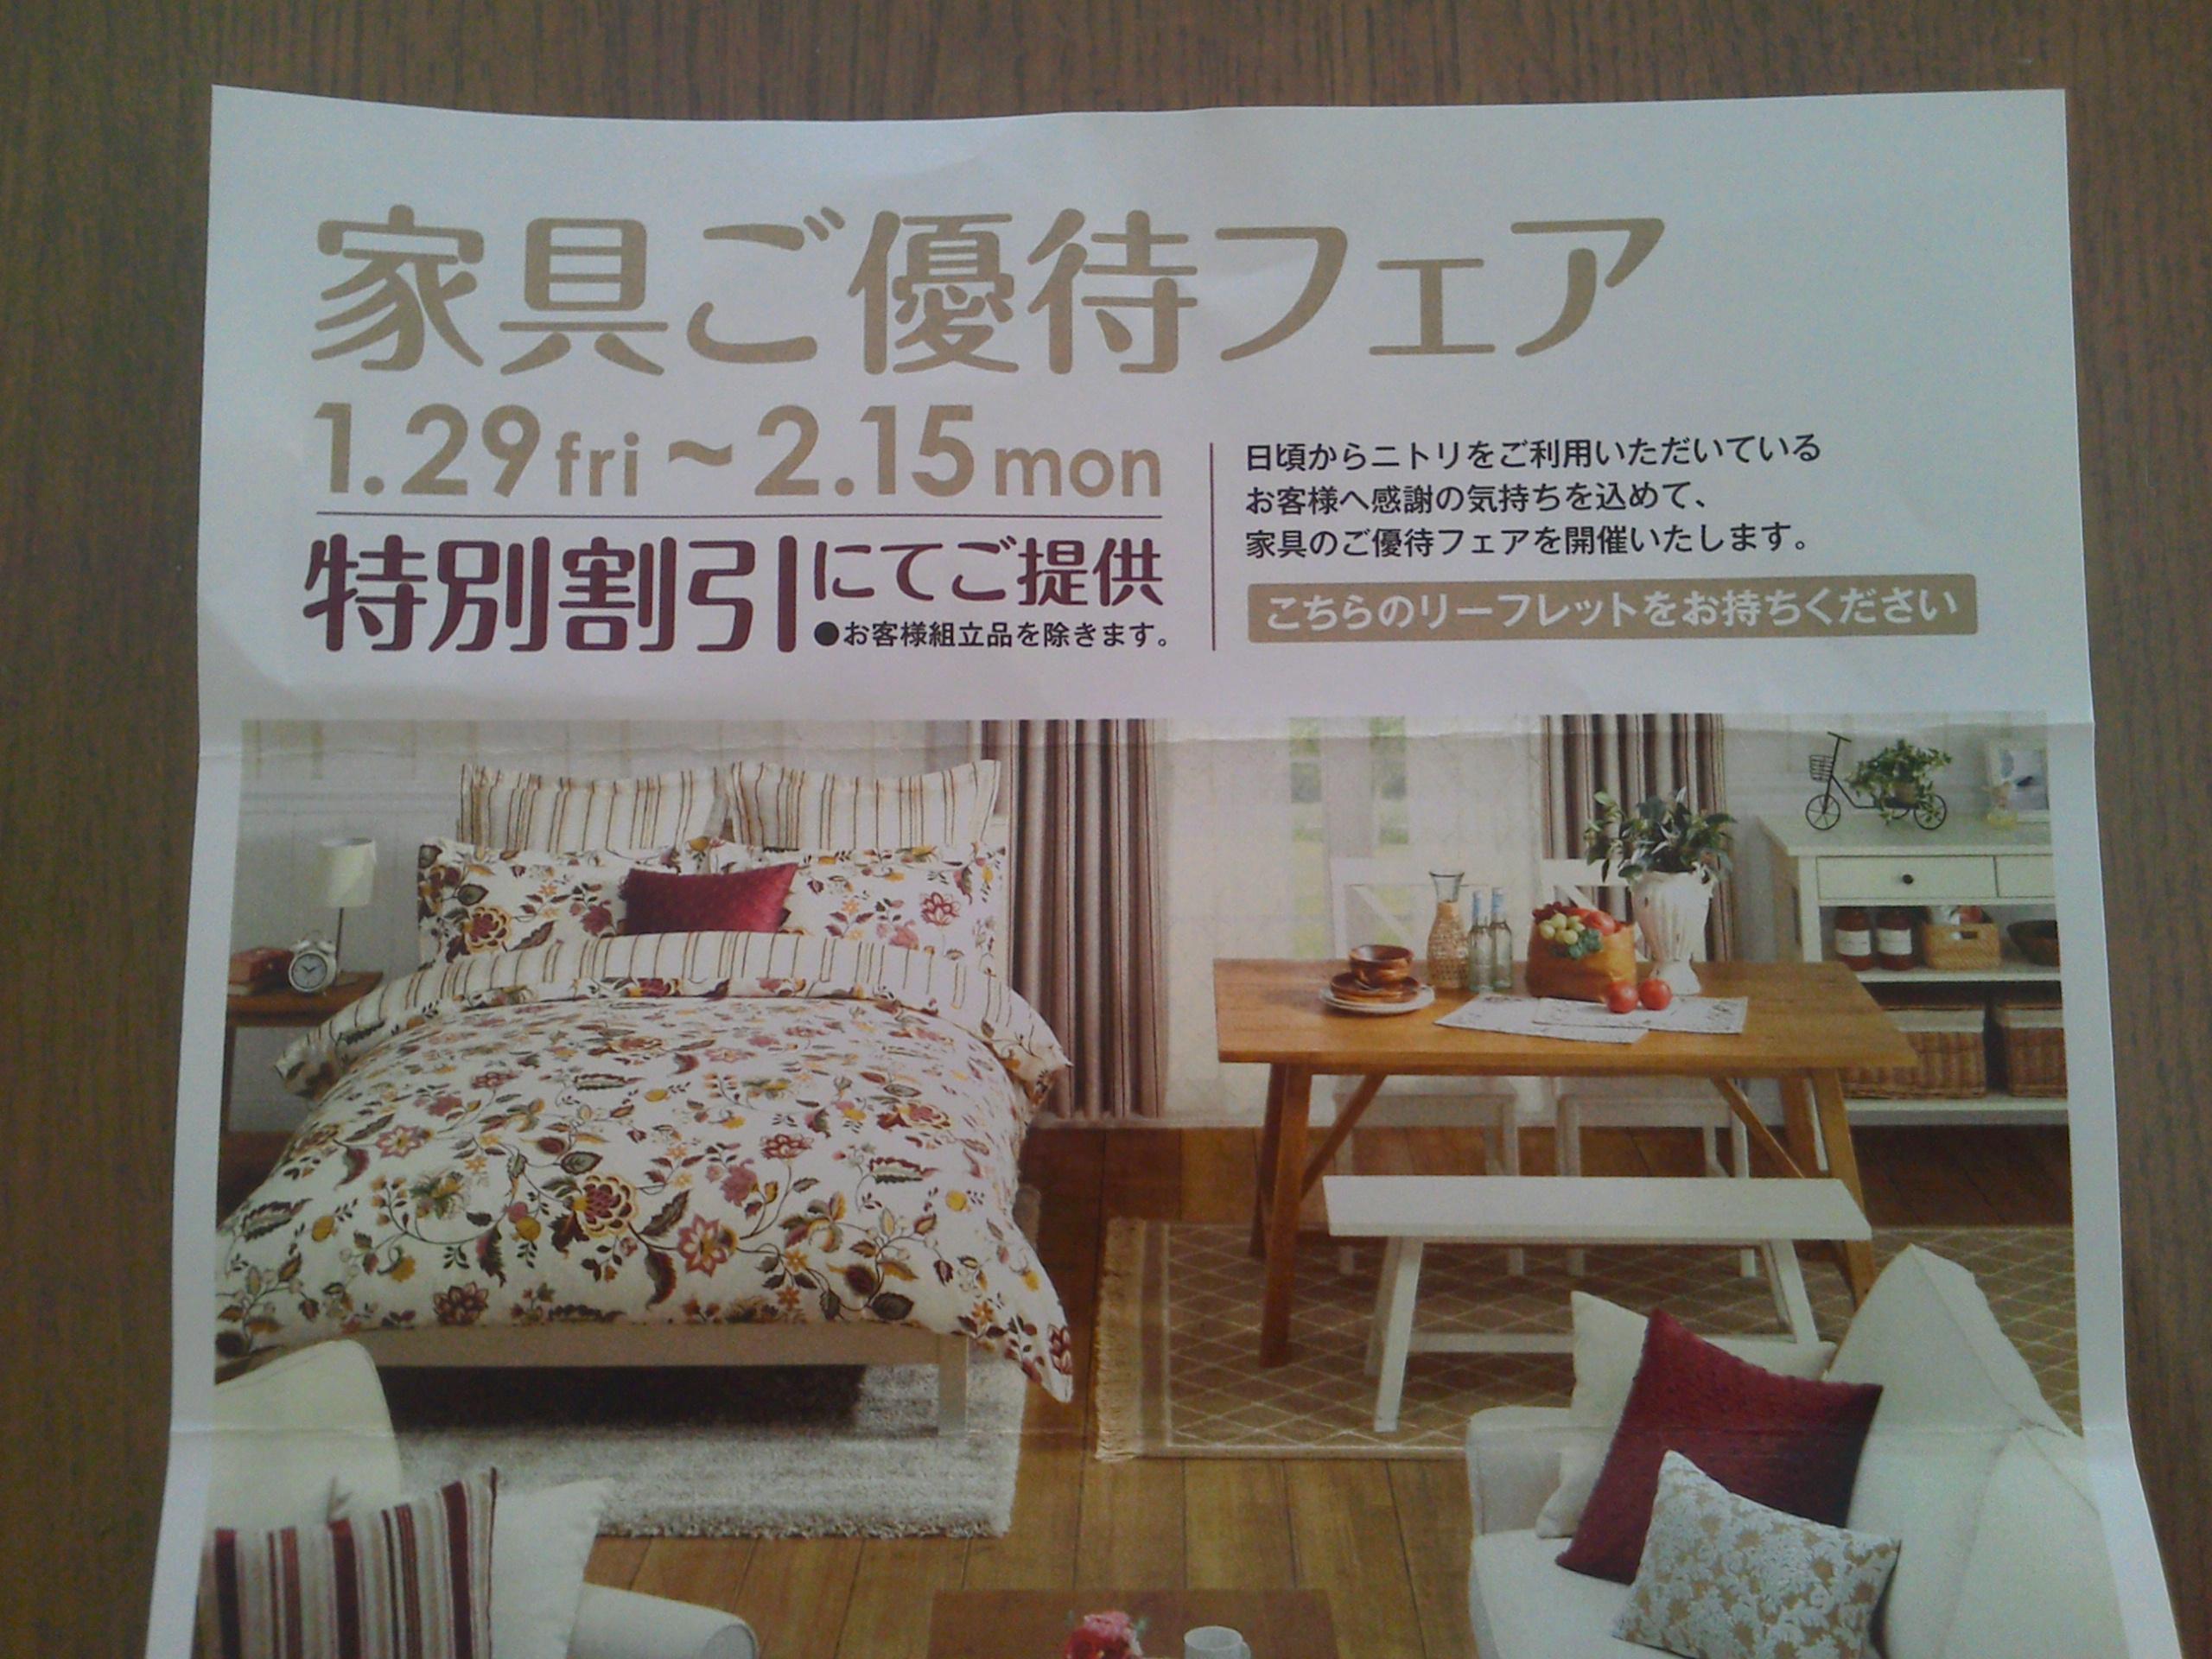 ニトリのセール「特別割引ご優待」の封書が届いた!